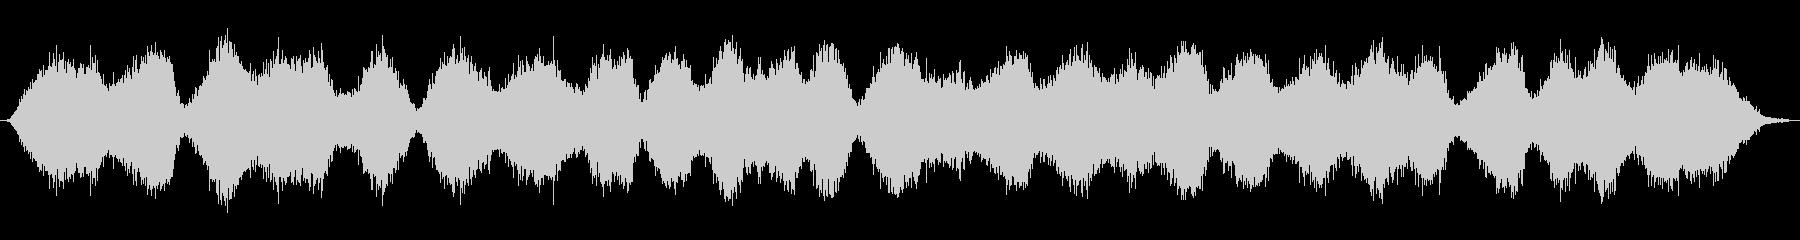 シアターレインサウンドマシン:さま...の未再生の波形